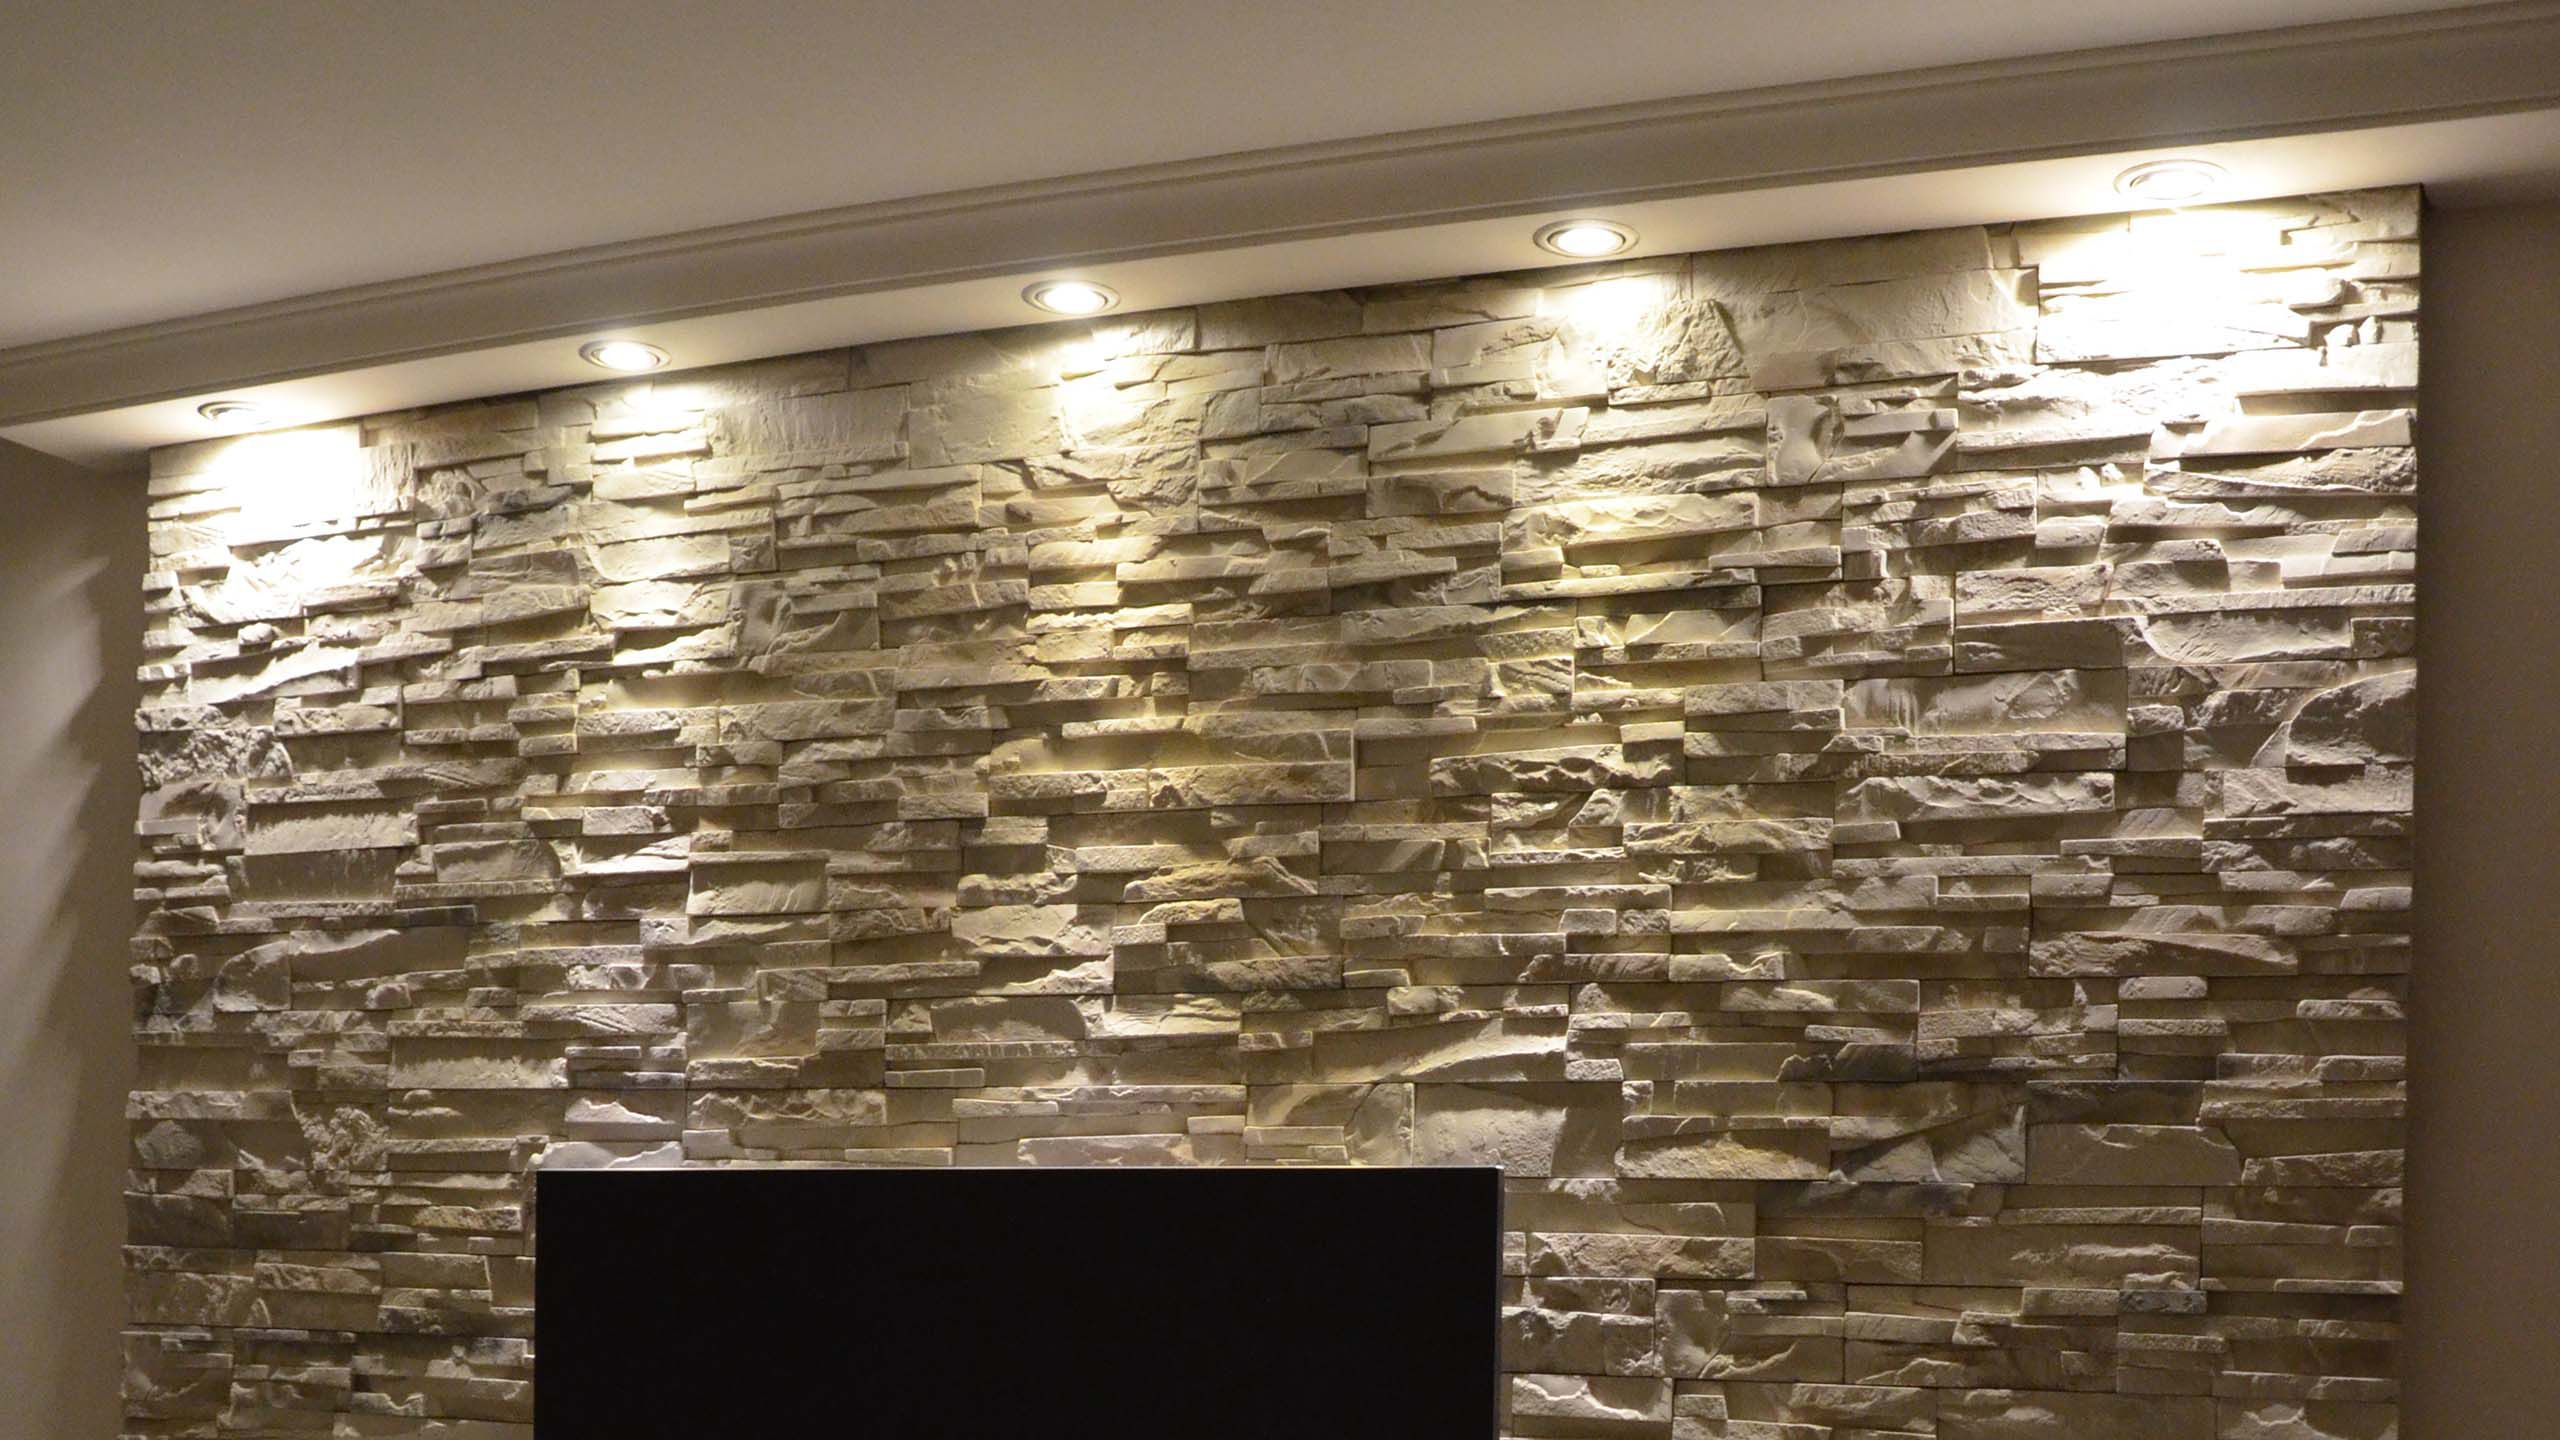 Direkte Beleuchtung Mit Deckenprofilen Als Strukturgeber Uber Der Steinwand Steinwand Beleuchtung Direkte Beleuchtung